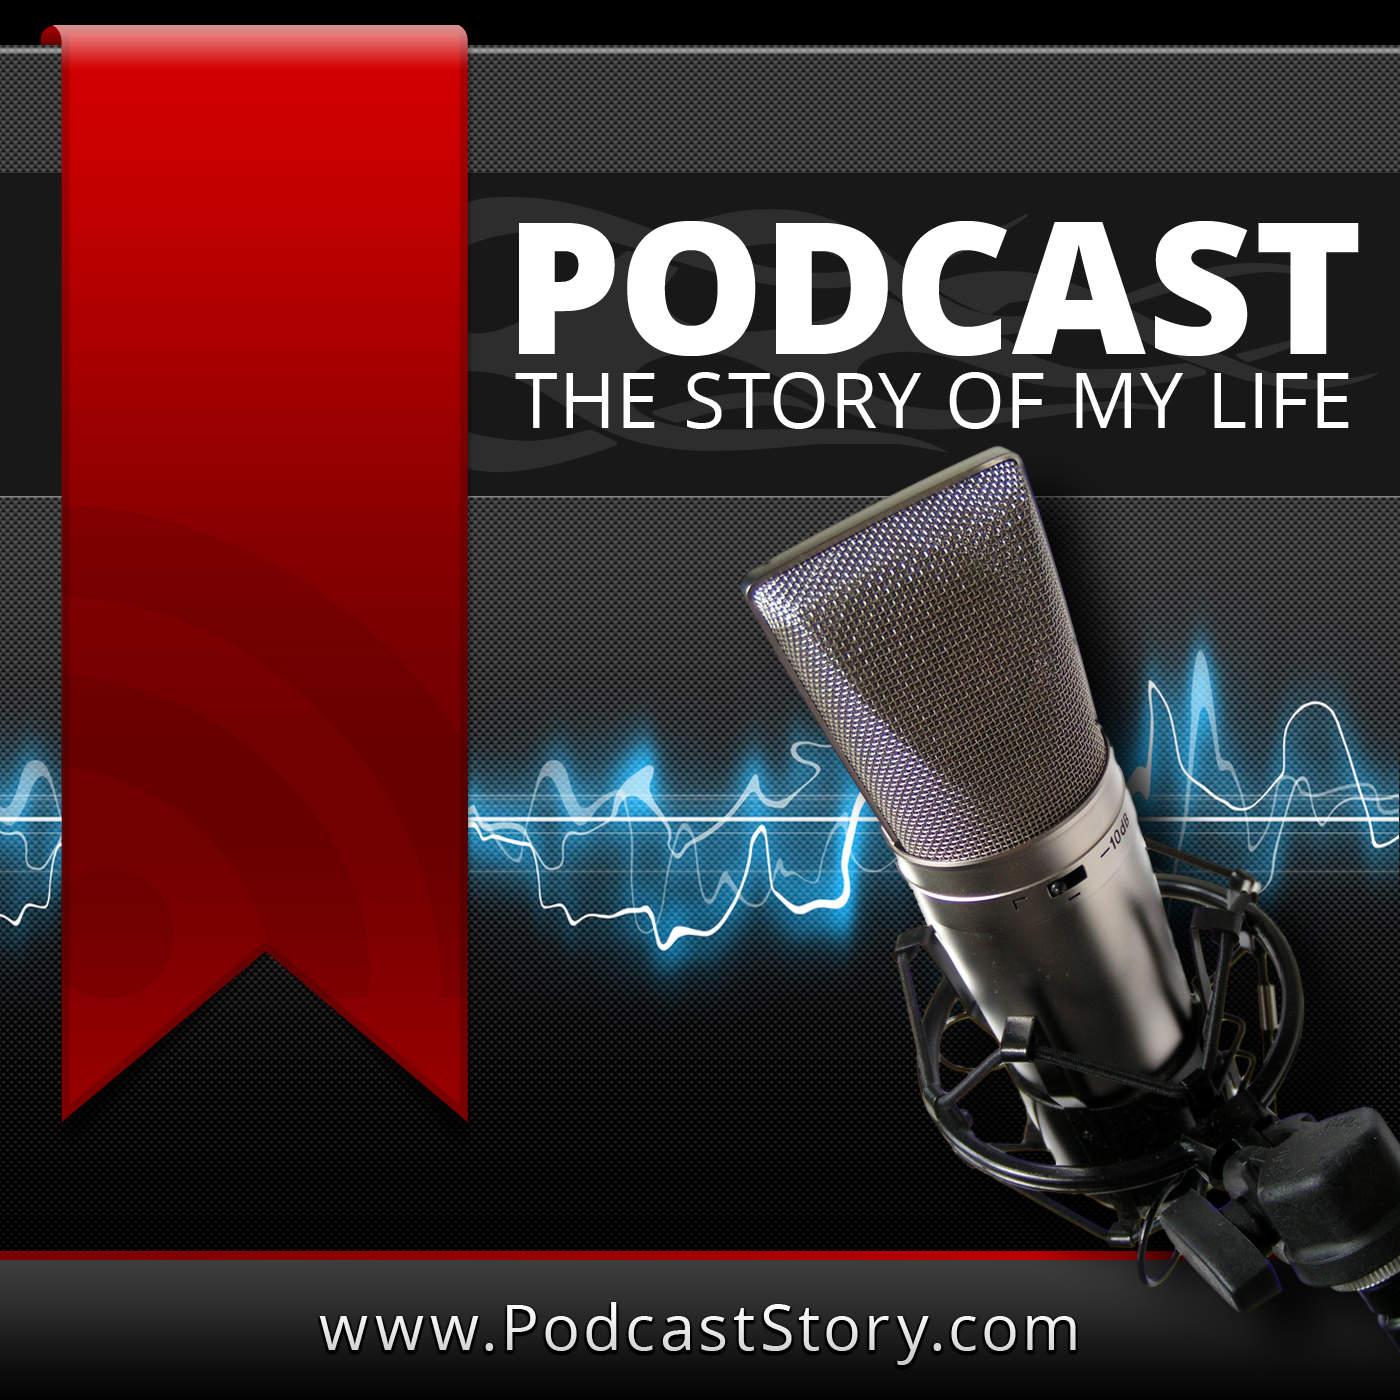 PodcastStoryofMyLife